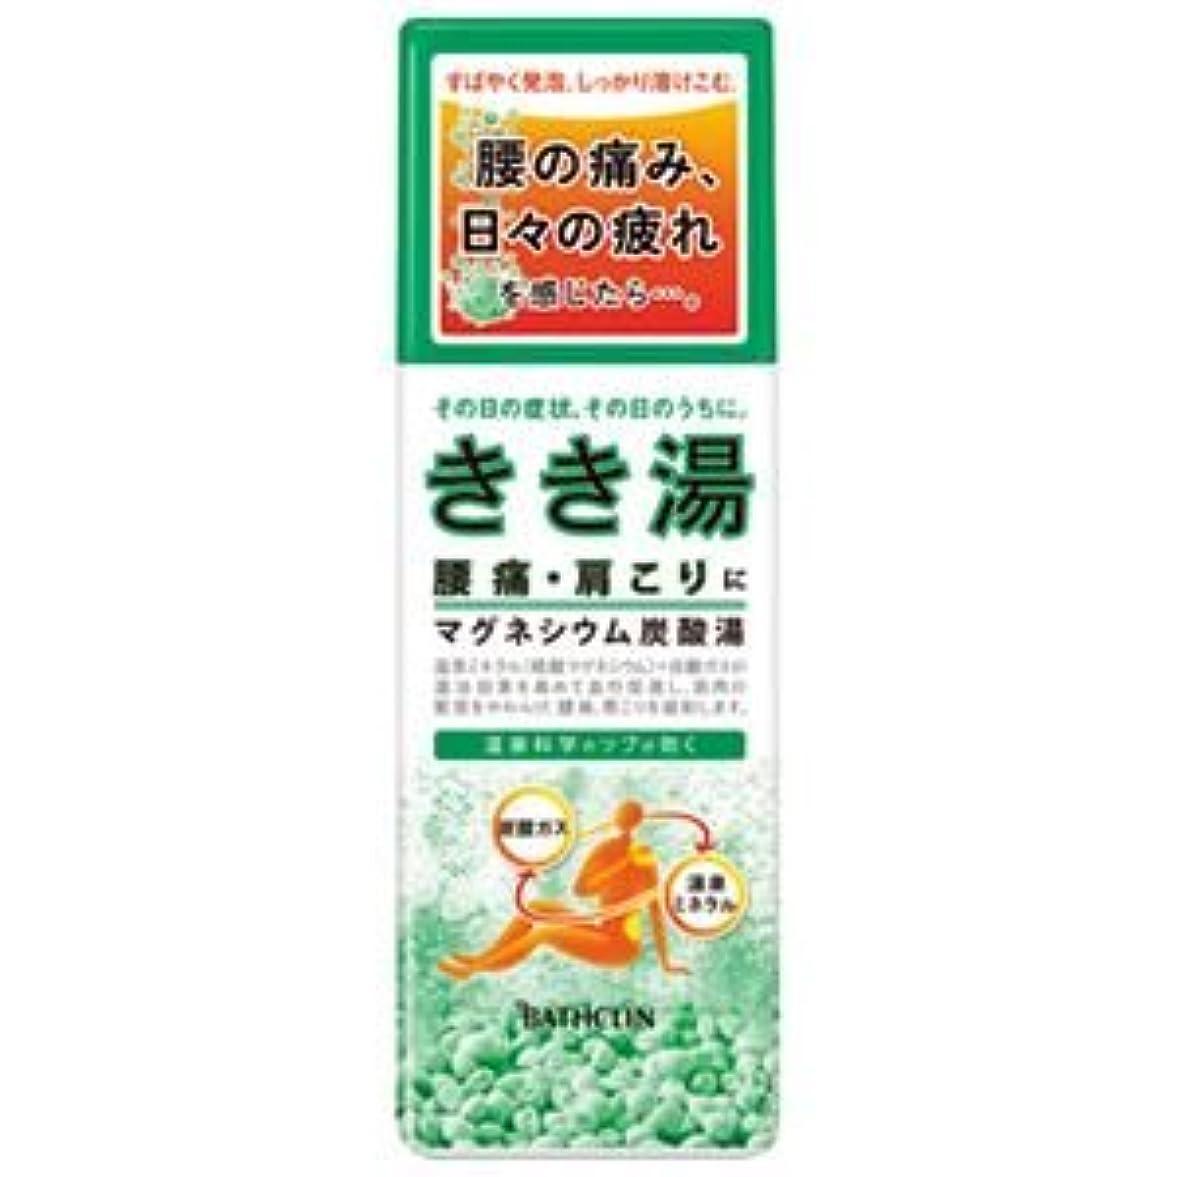 伝統好奇心スリル(業務用10セット) バスクリン きき湯 マグネシウム炭酸湯 360g